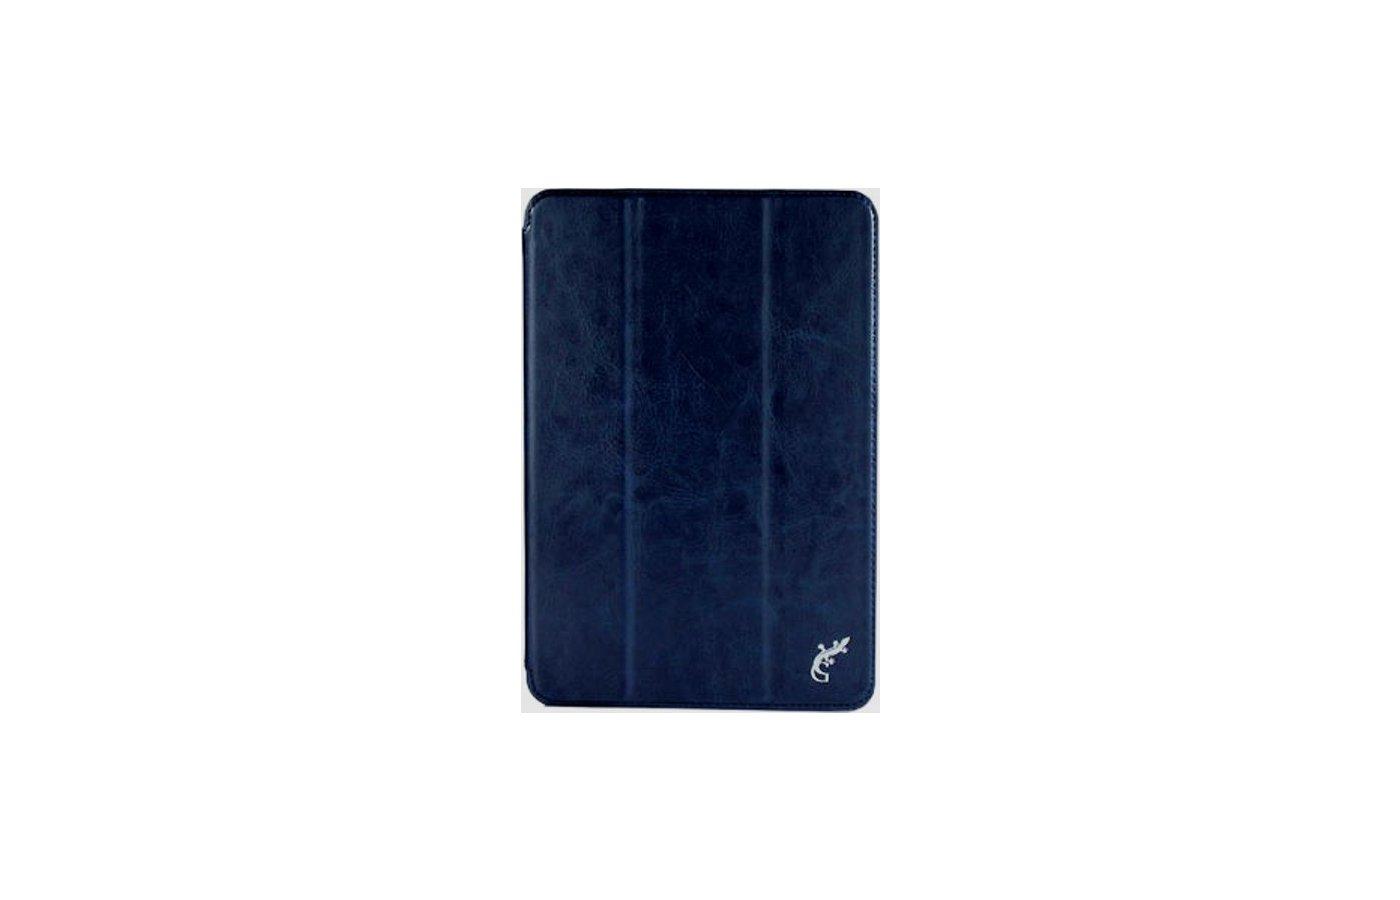 Чехол для планшетного ПК G-Case Slim Premium для Samsung Galaxy Tab A 8.0 темно-синий